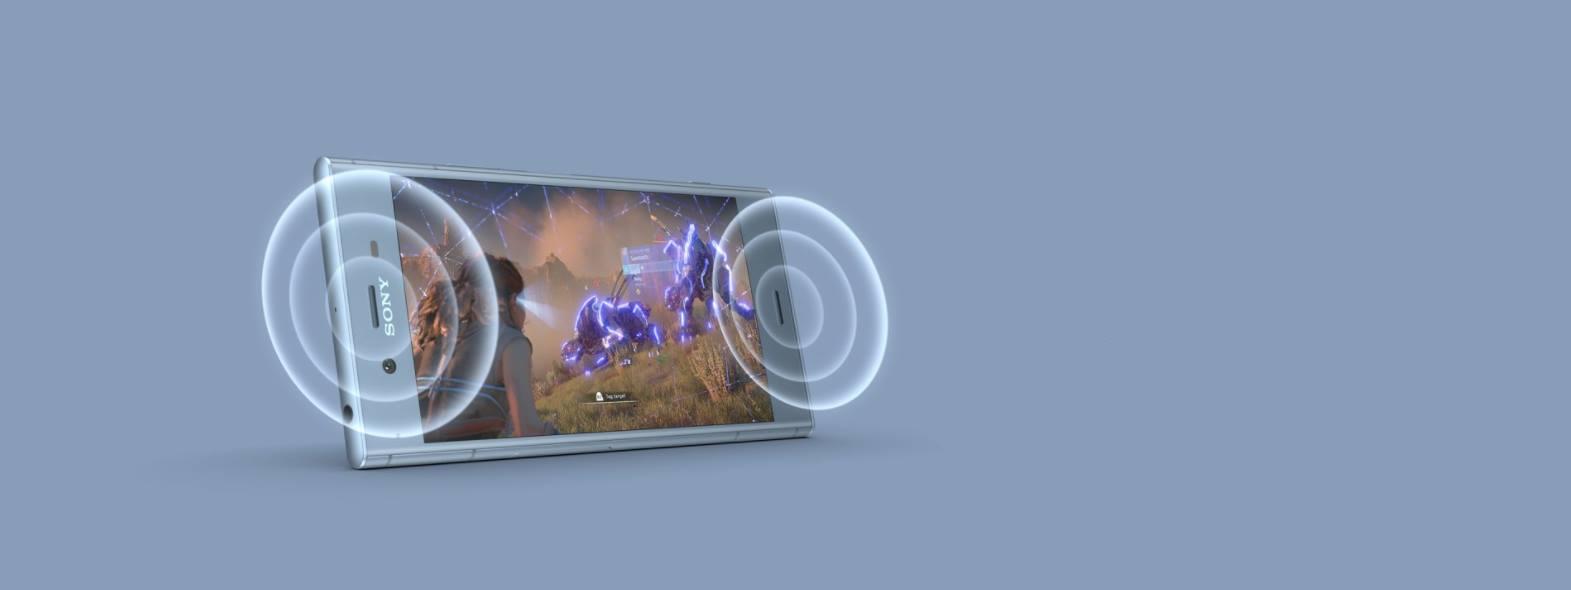 Sony Xperia XZ1 (8)